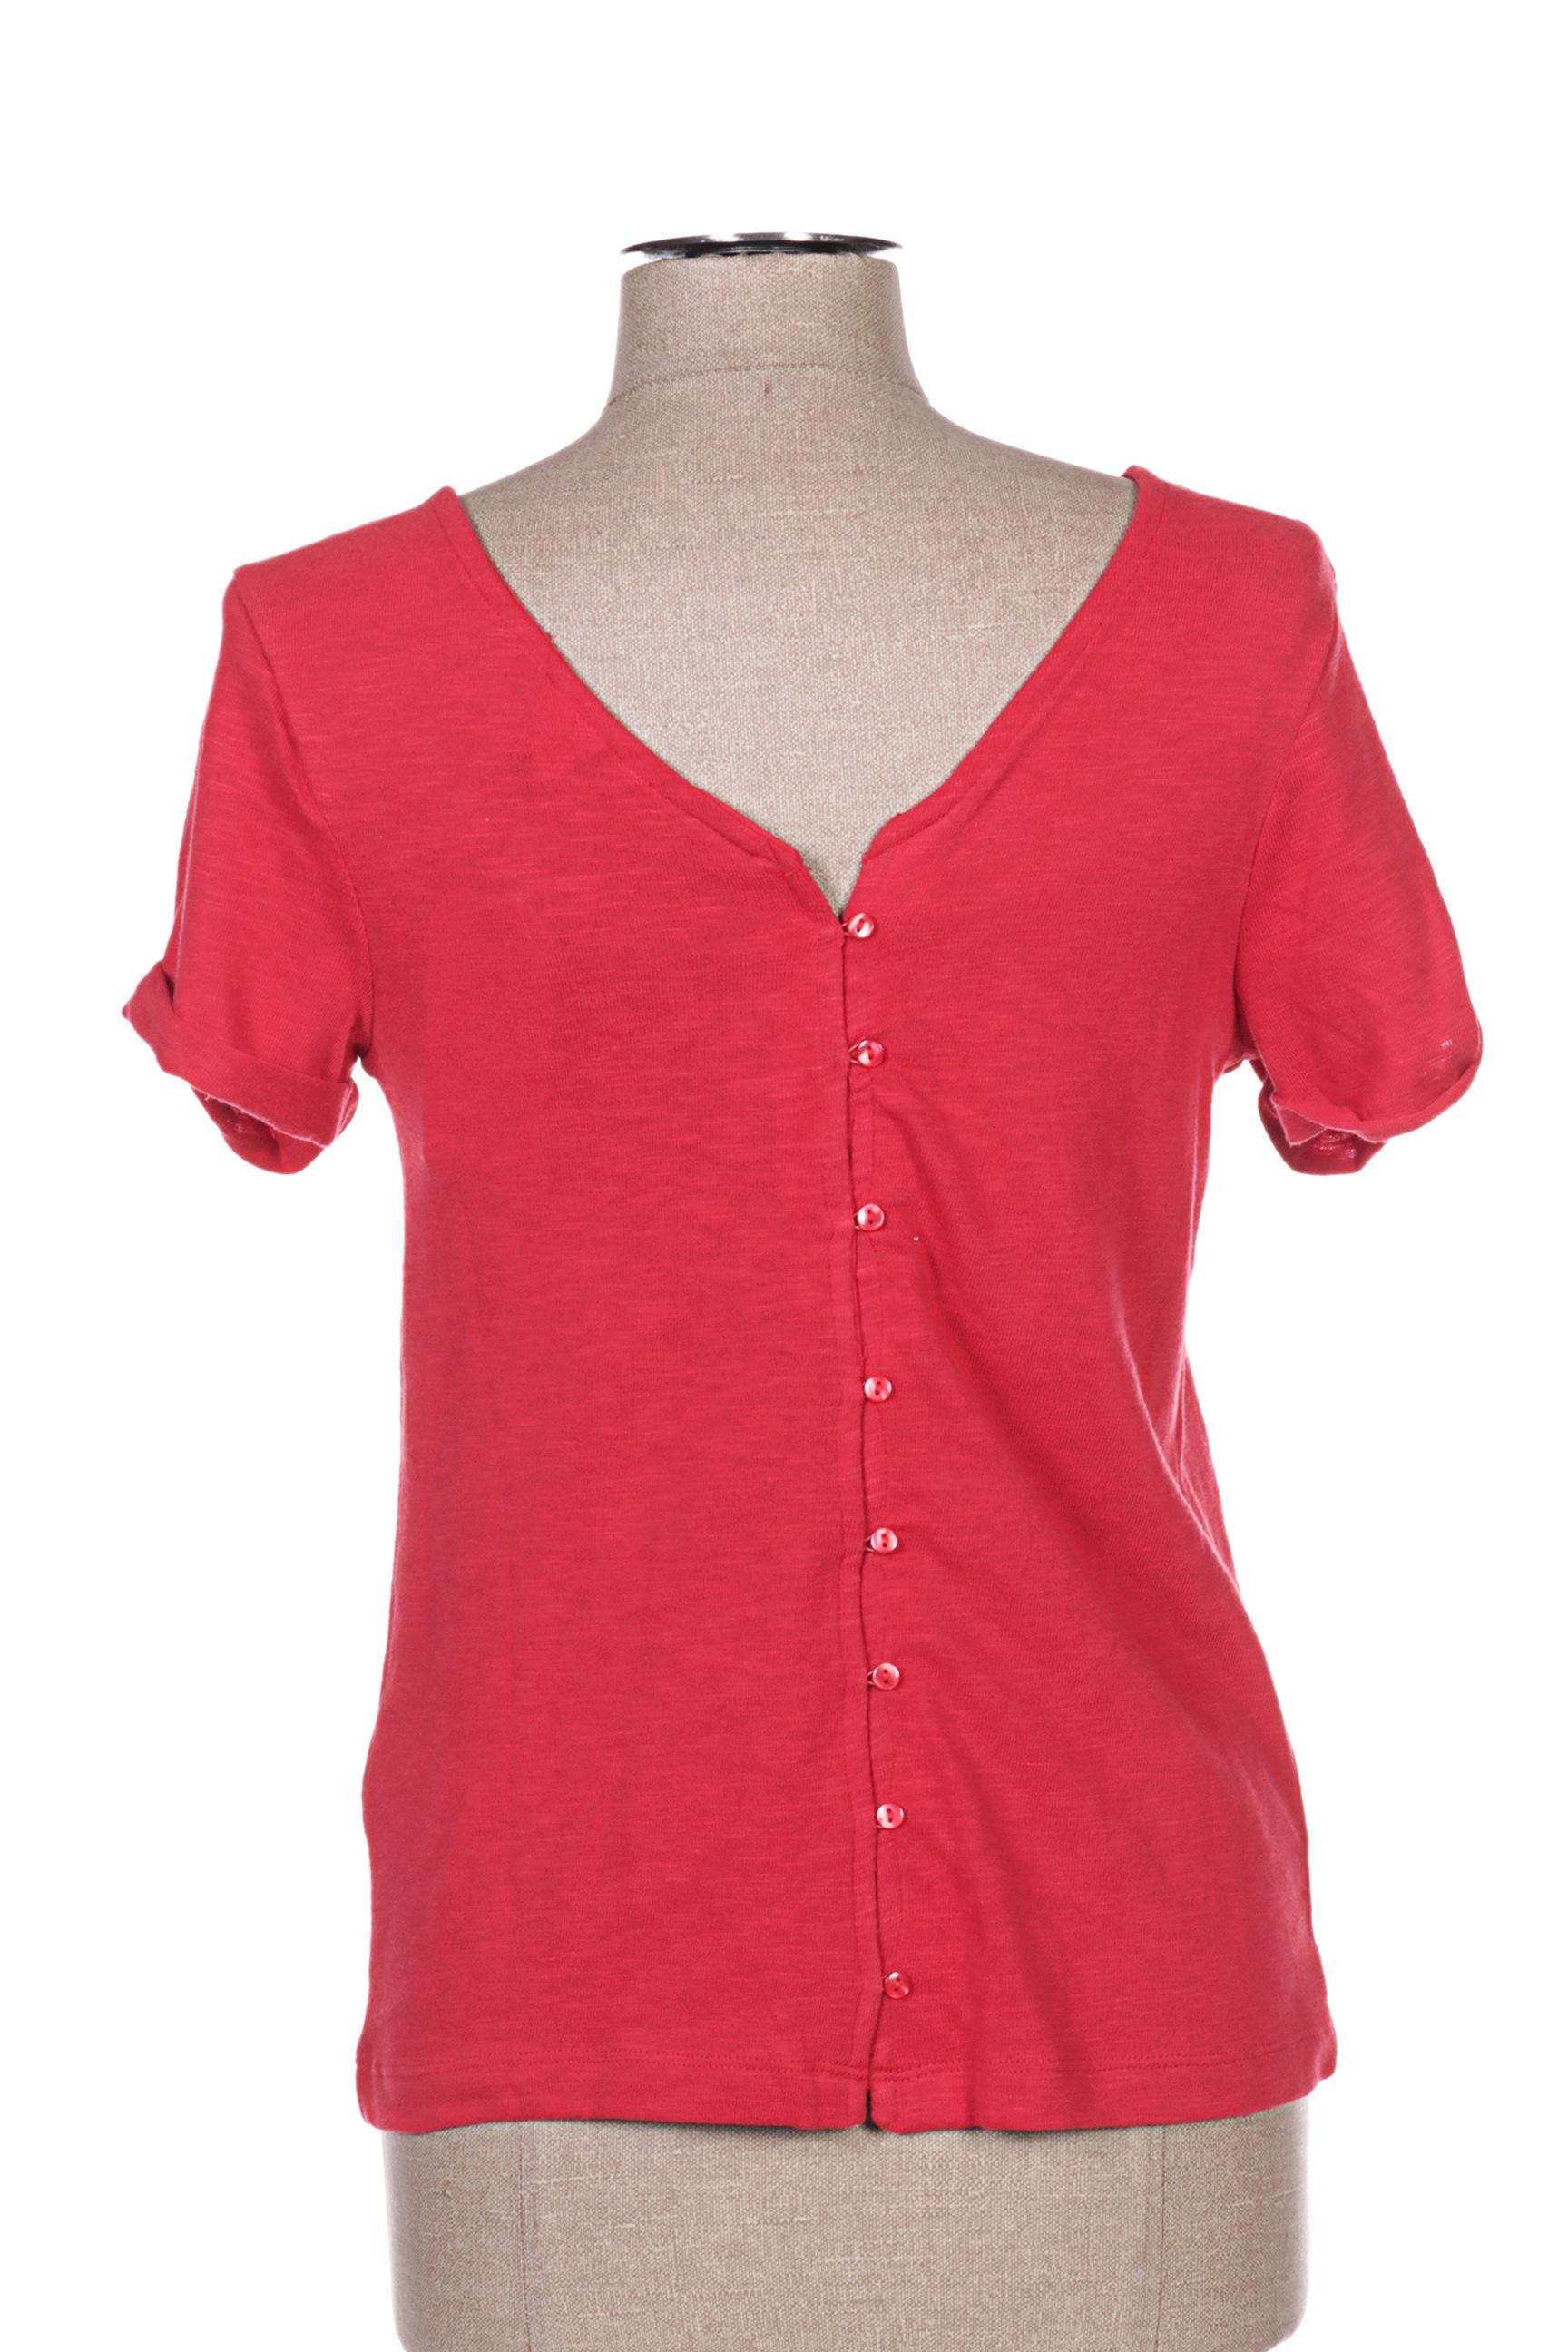 Roxy Manches Courtes 1 Femme De Couleur Rouge En Soldes Pas Cher 1326622-rouge0